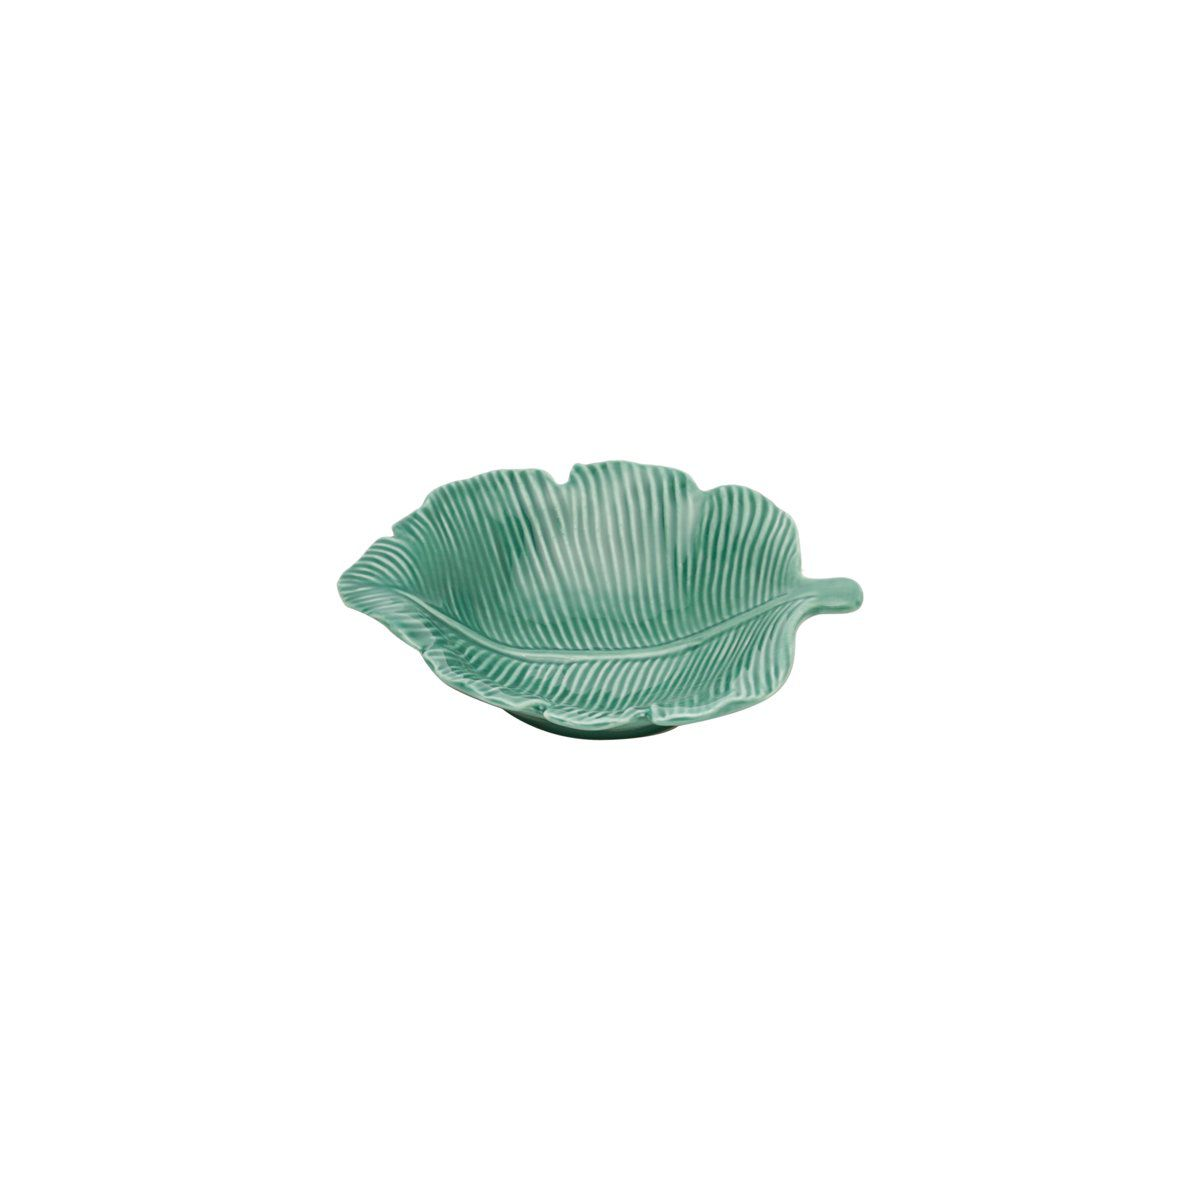 Folha decorativa 12,5 x 10 cm de porcelana verde Pachira Prestige - 26875